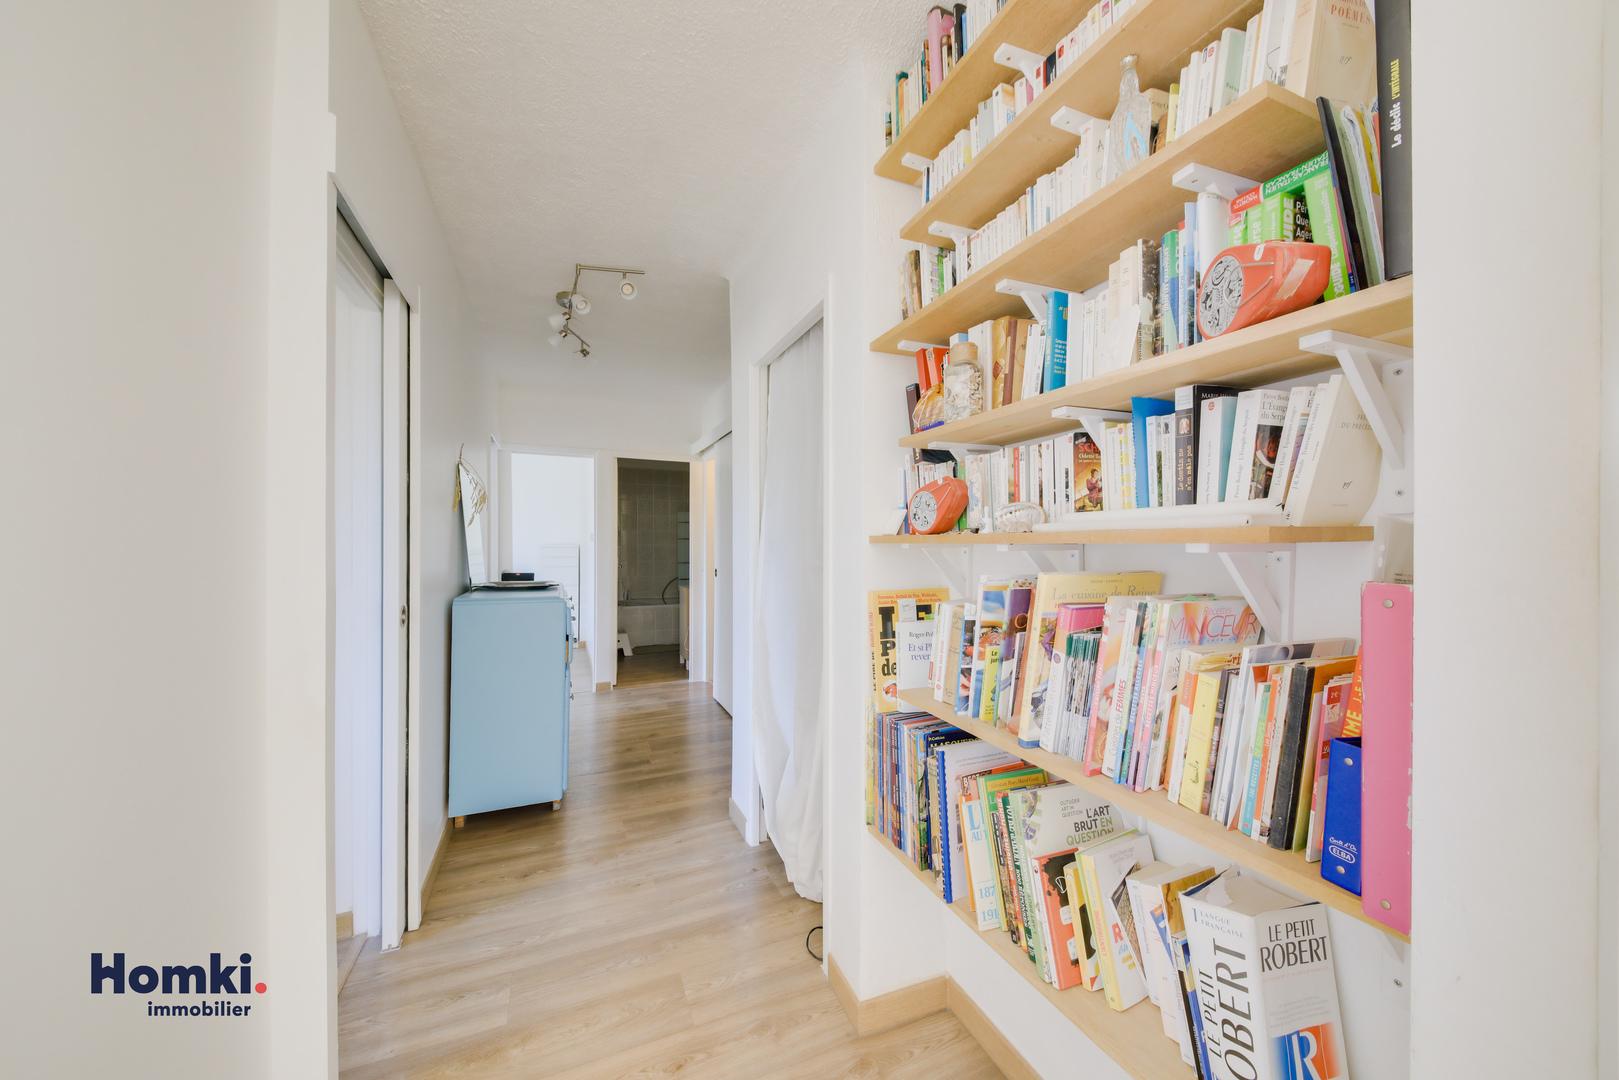 Vente Appartement 80 m² T4 13400_8